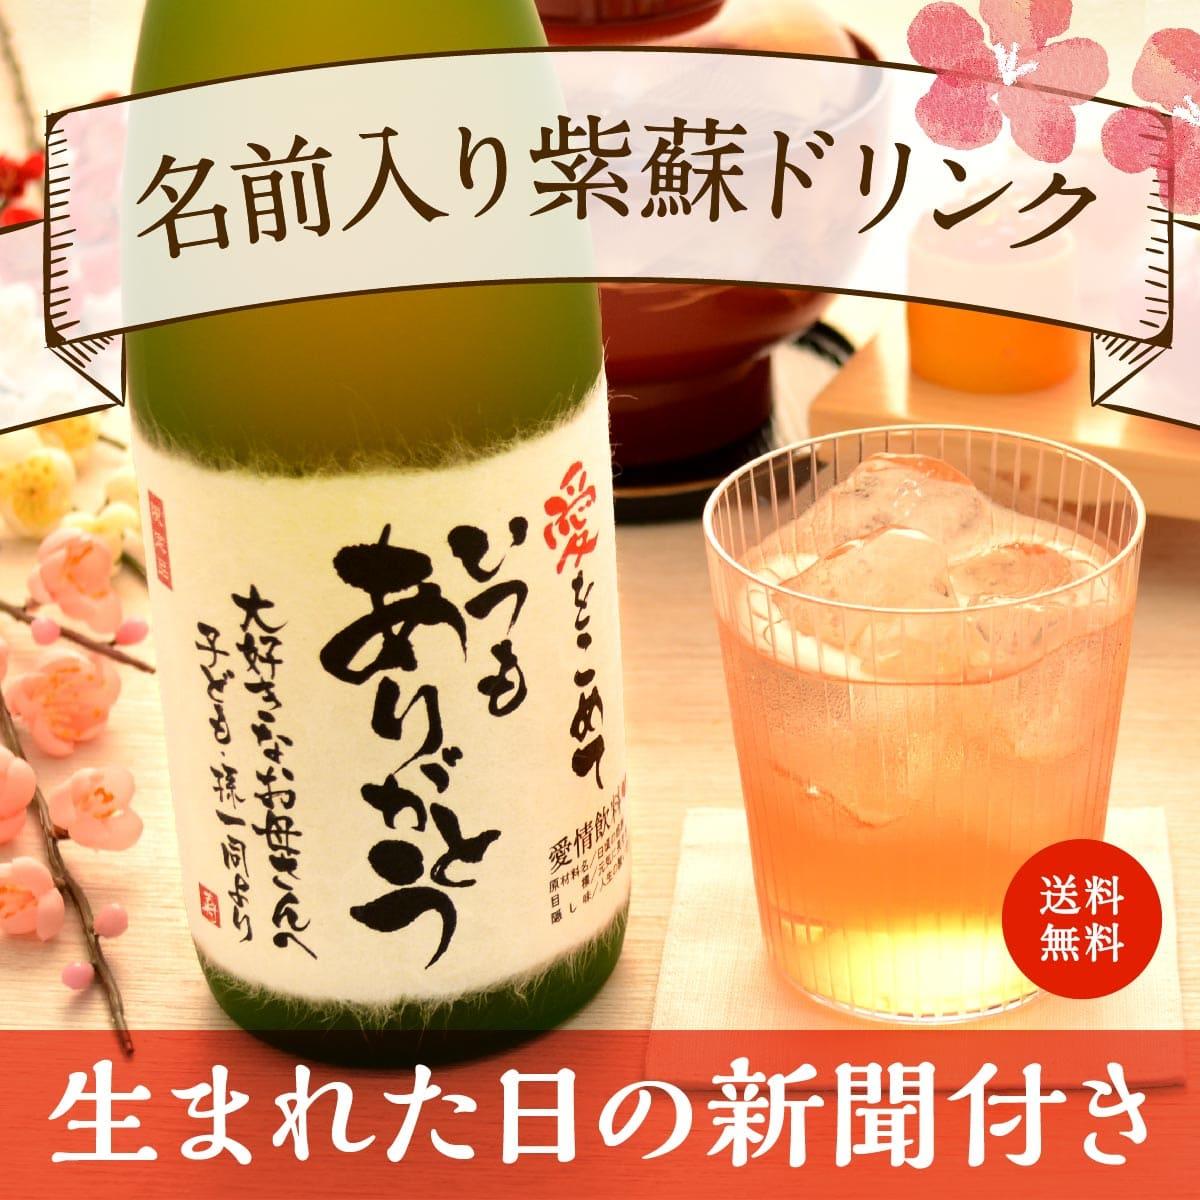 お酒が飲めない方への贈り物はしそジュースのプレゼント【紫蘇GOLD】720ml